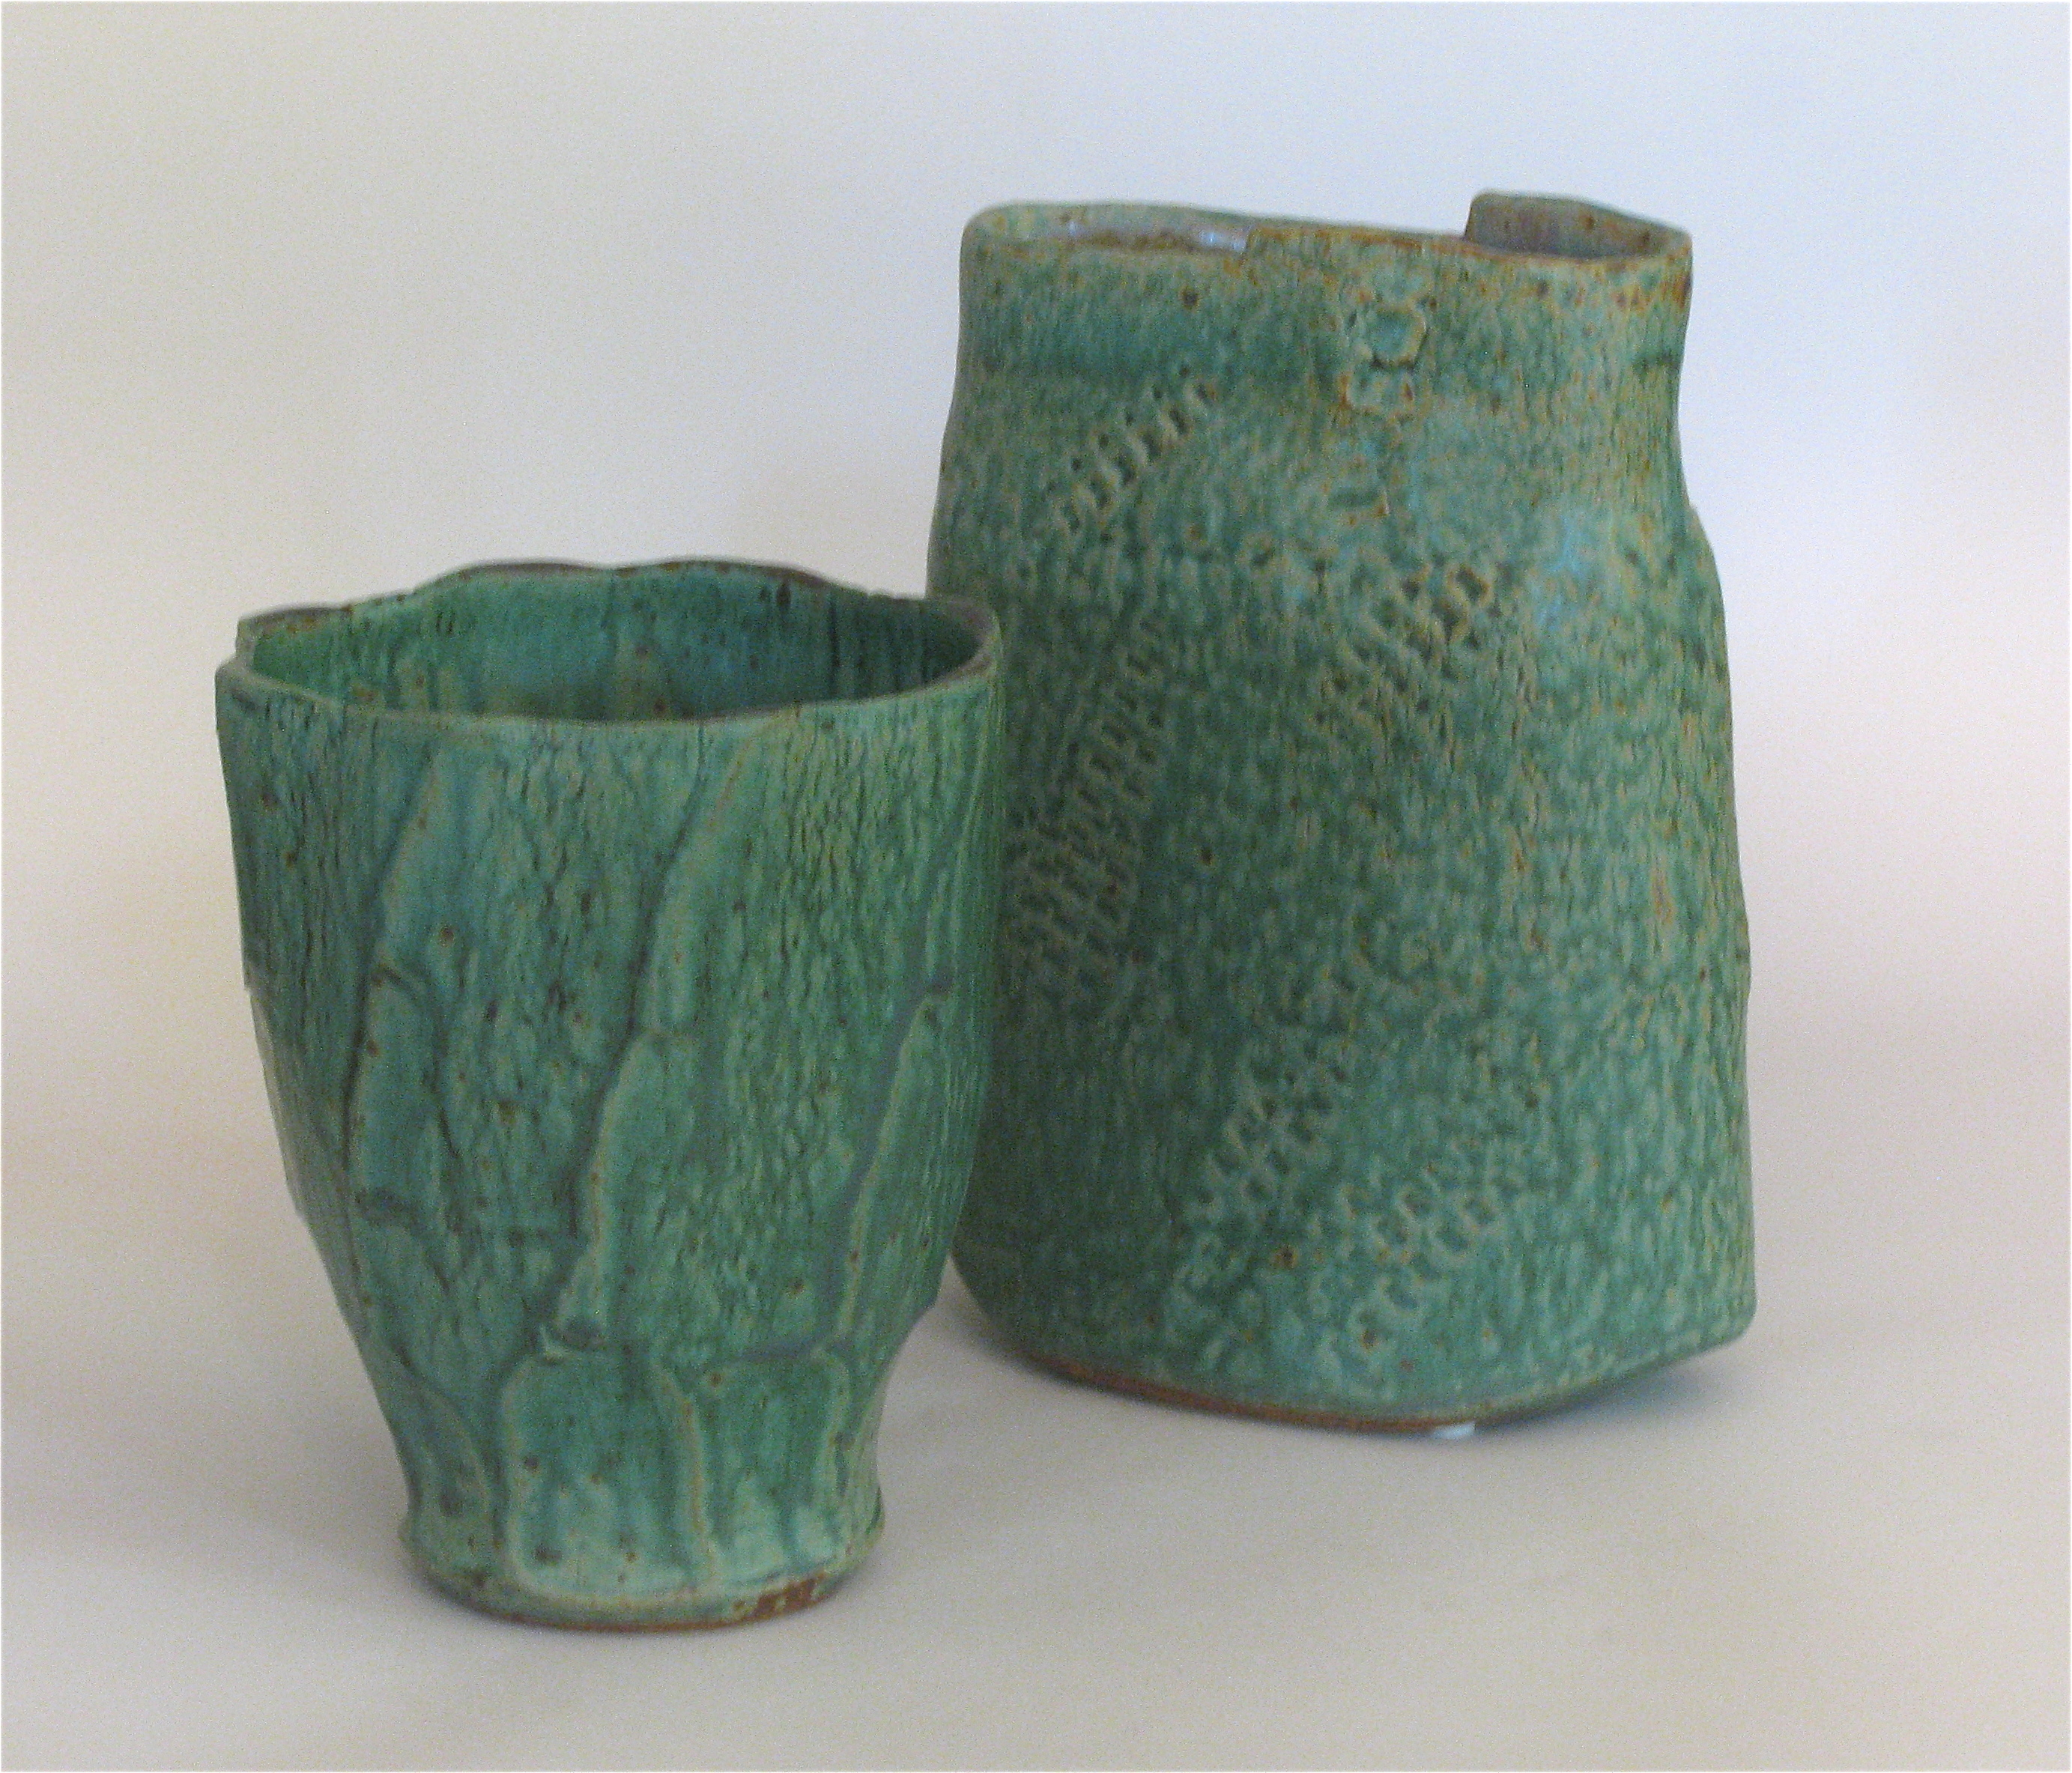 Margie Skaggs Ceramics